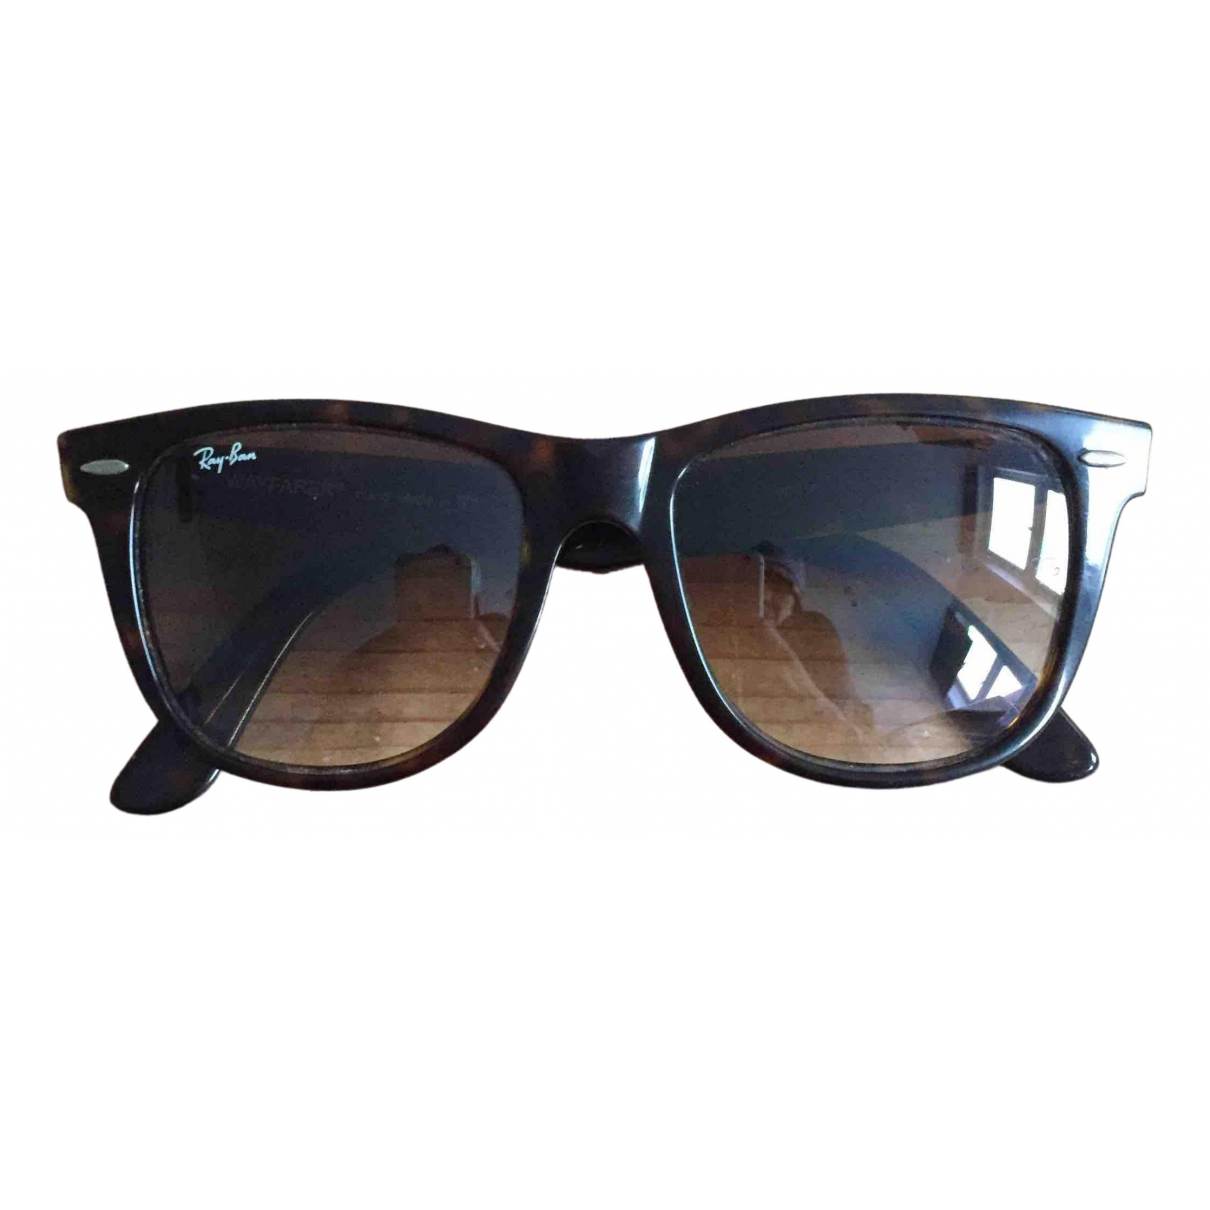 Ray-ban Original Wayfarer Brown Sunglasses for Women N